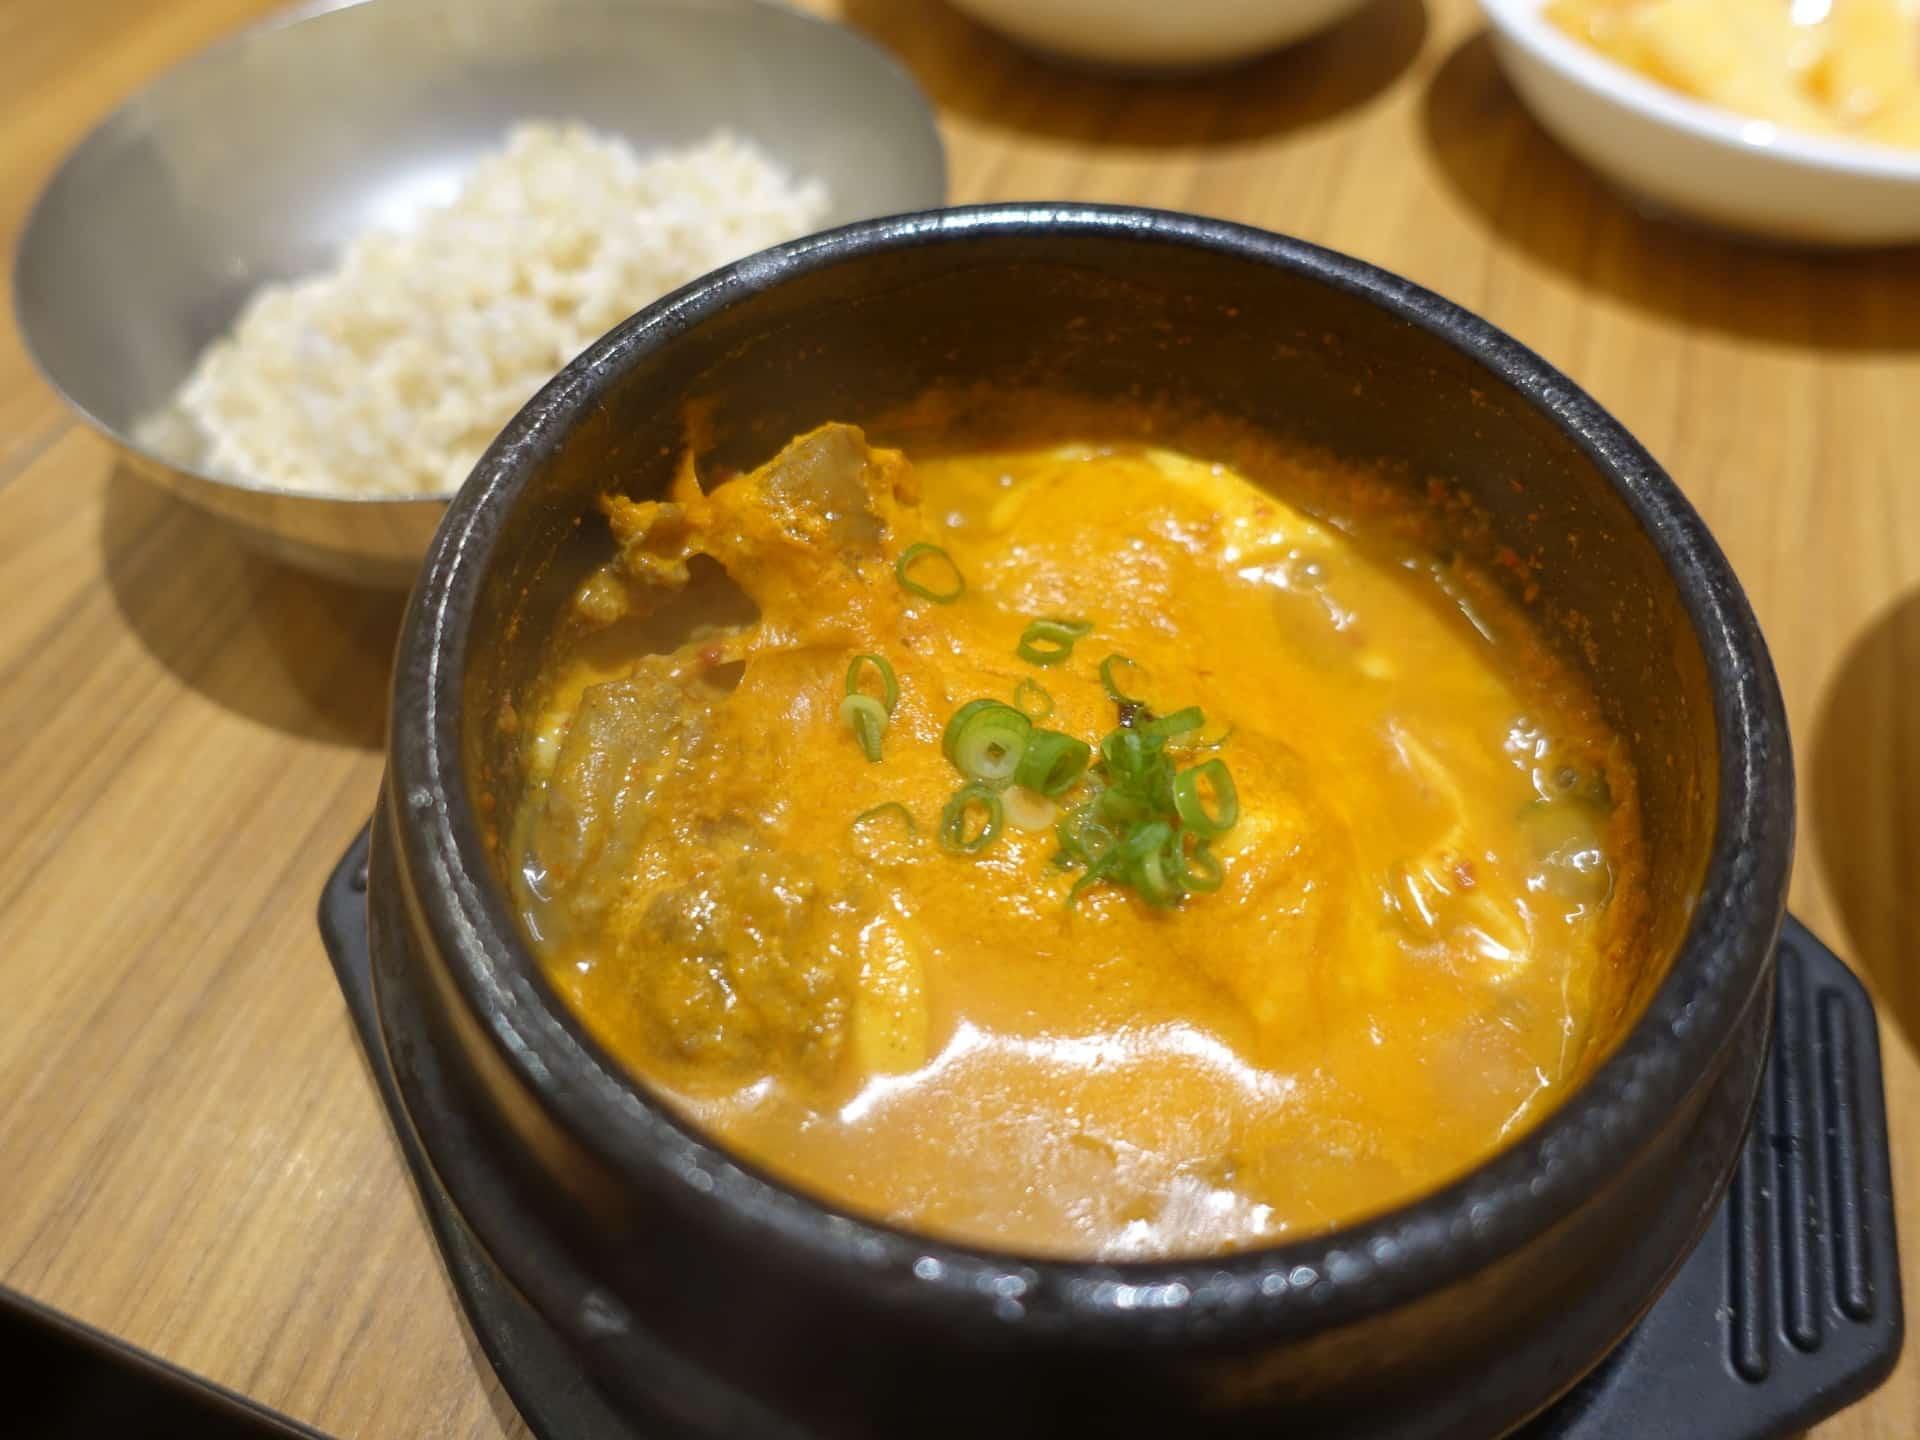 韓辛DELI(カンカンデリ) − 三宮で韓国料理の惣菜食べ放題ランチ!トッポギやチヂミもあるよ